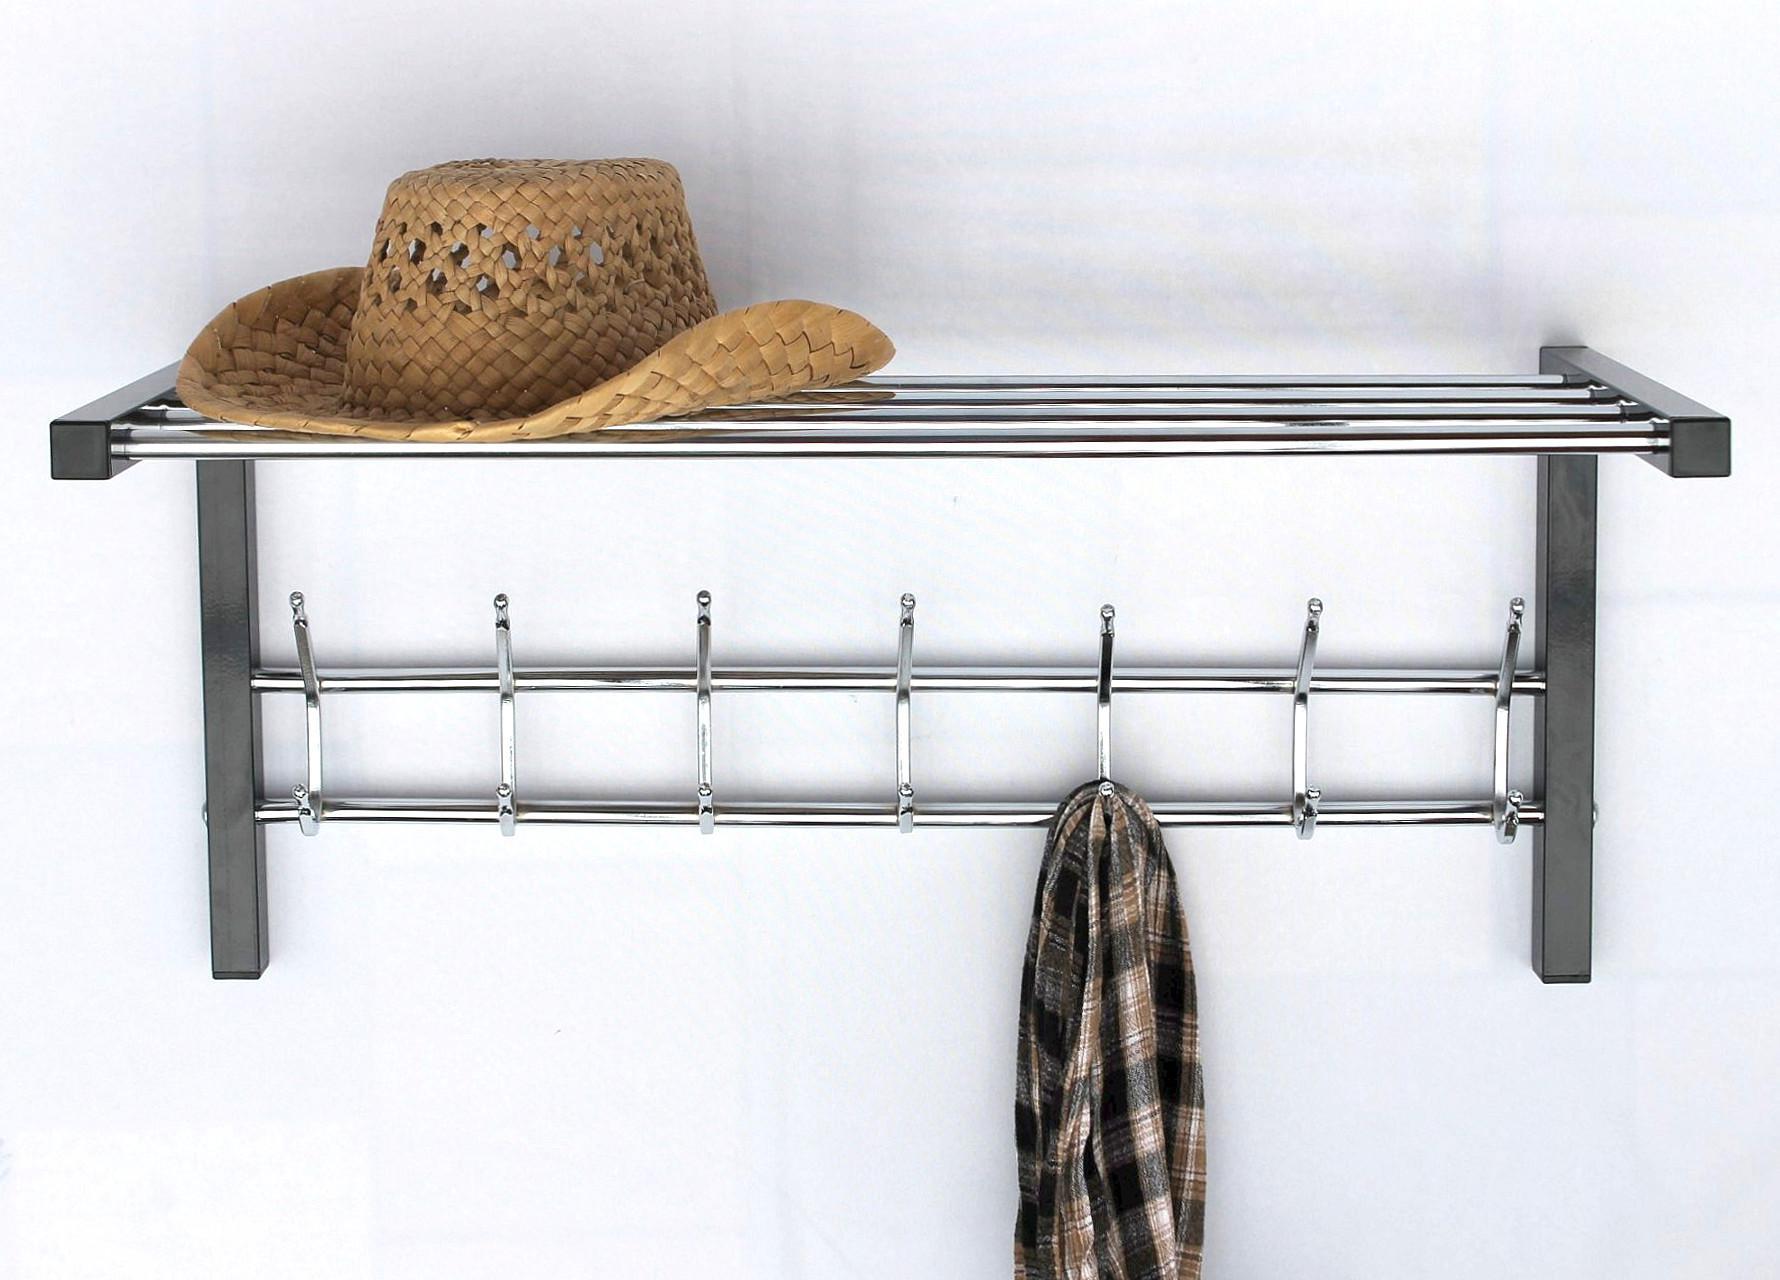 wandgarderobe mit hutablage garderobe 70cm. Black Bedroom Furniture Sets. Home Design Ideas